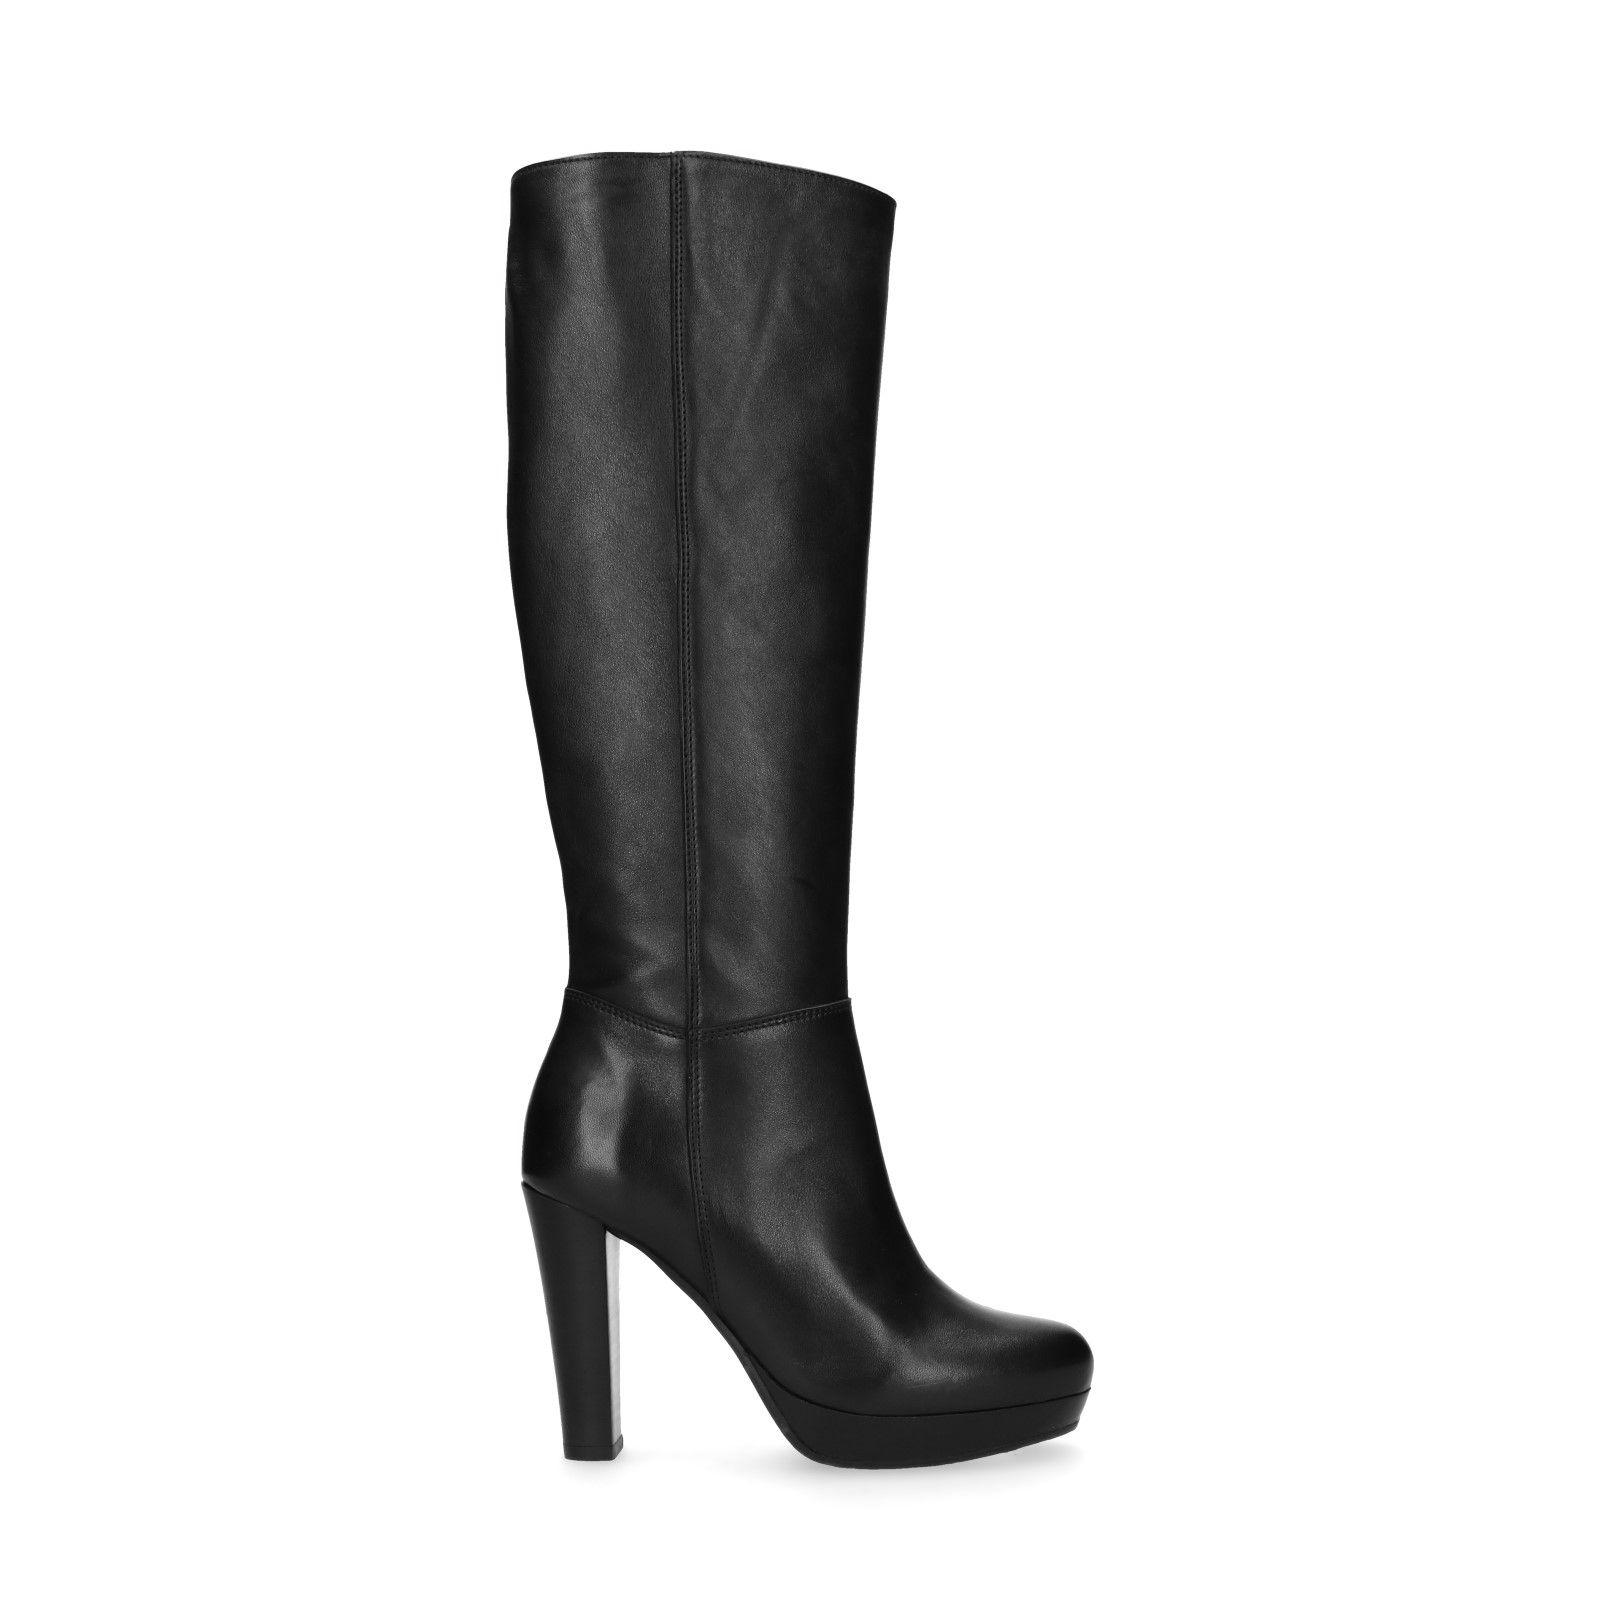 Bottes hautes Femme en cuir noir | Jonak